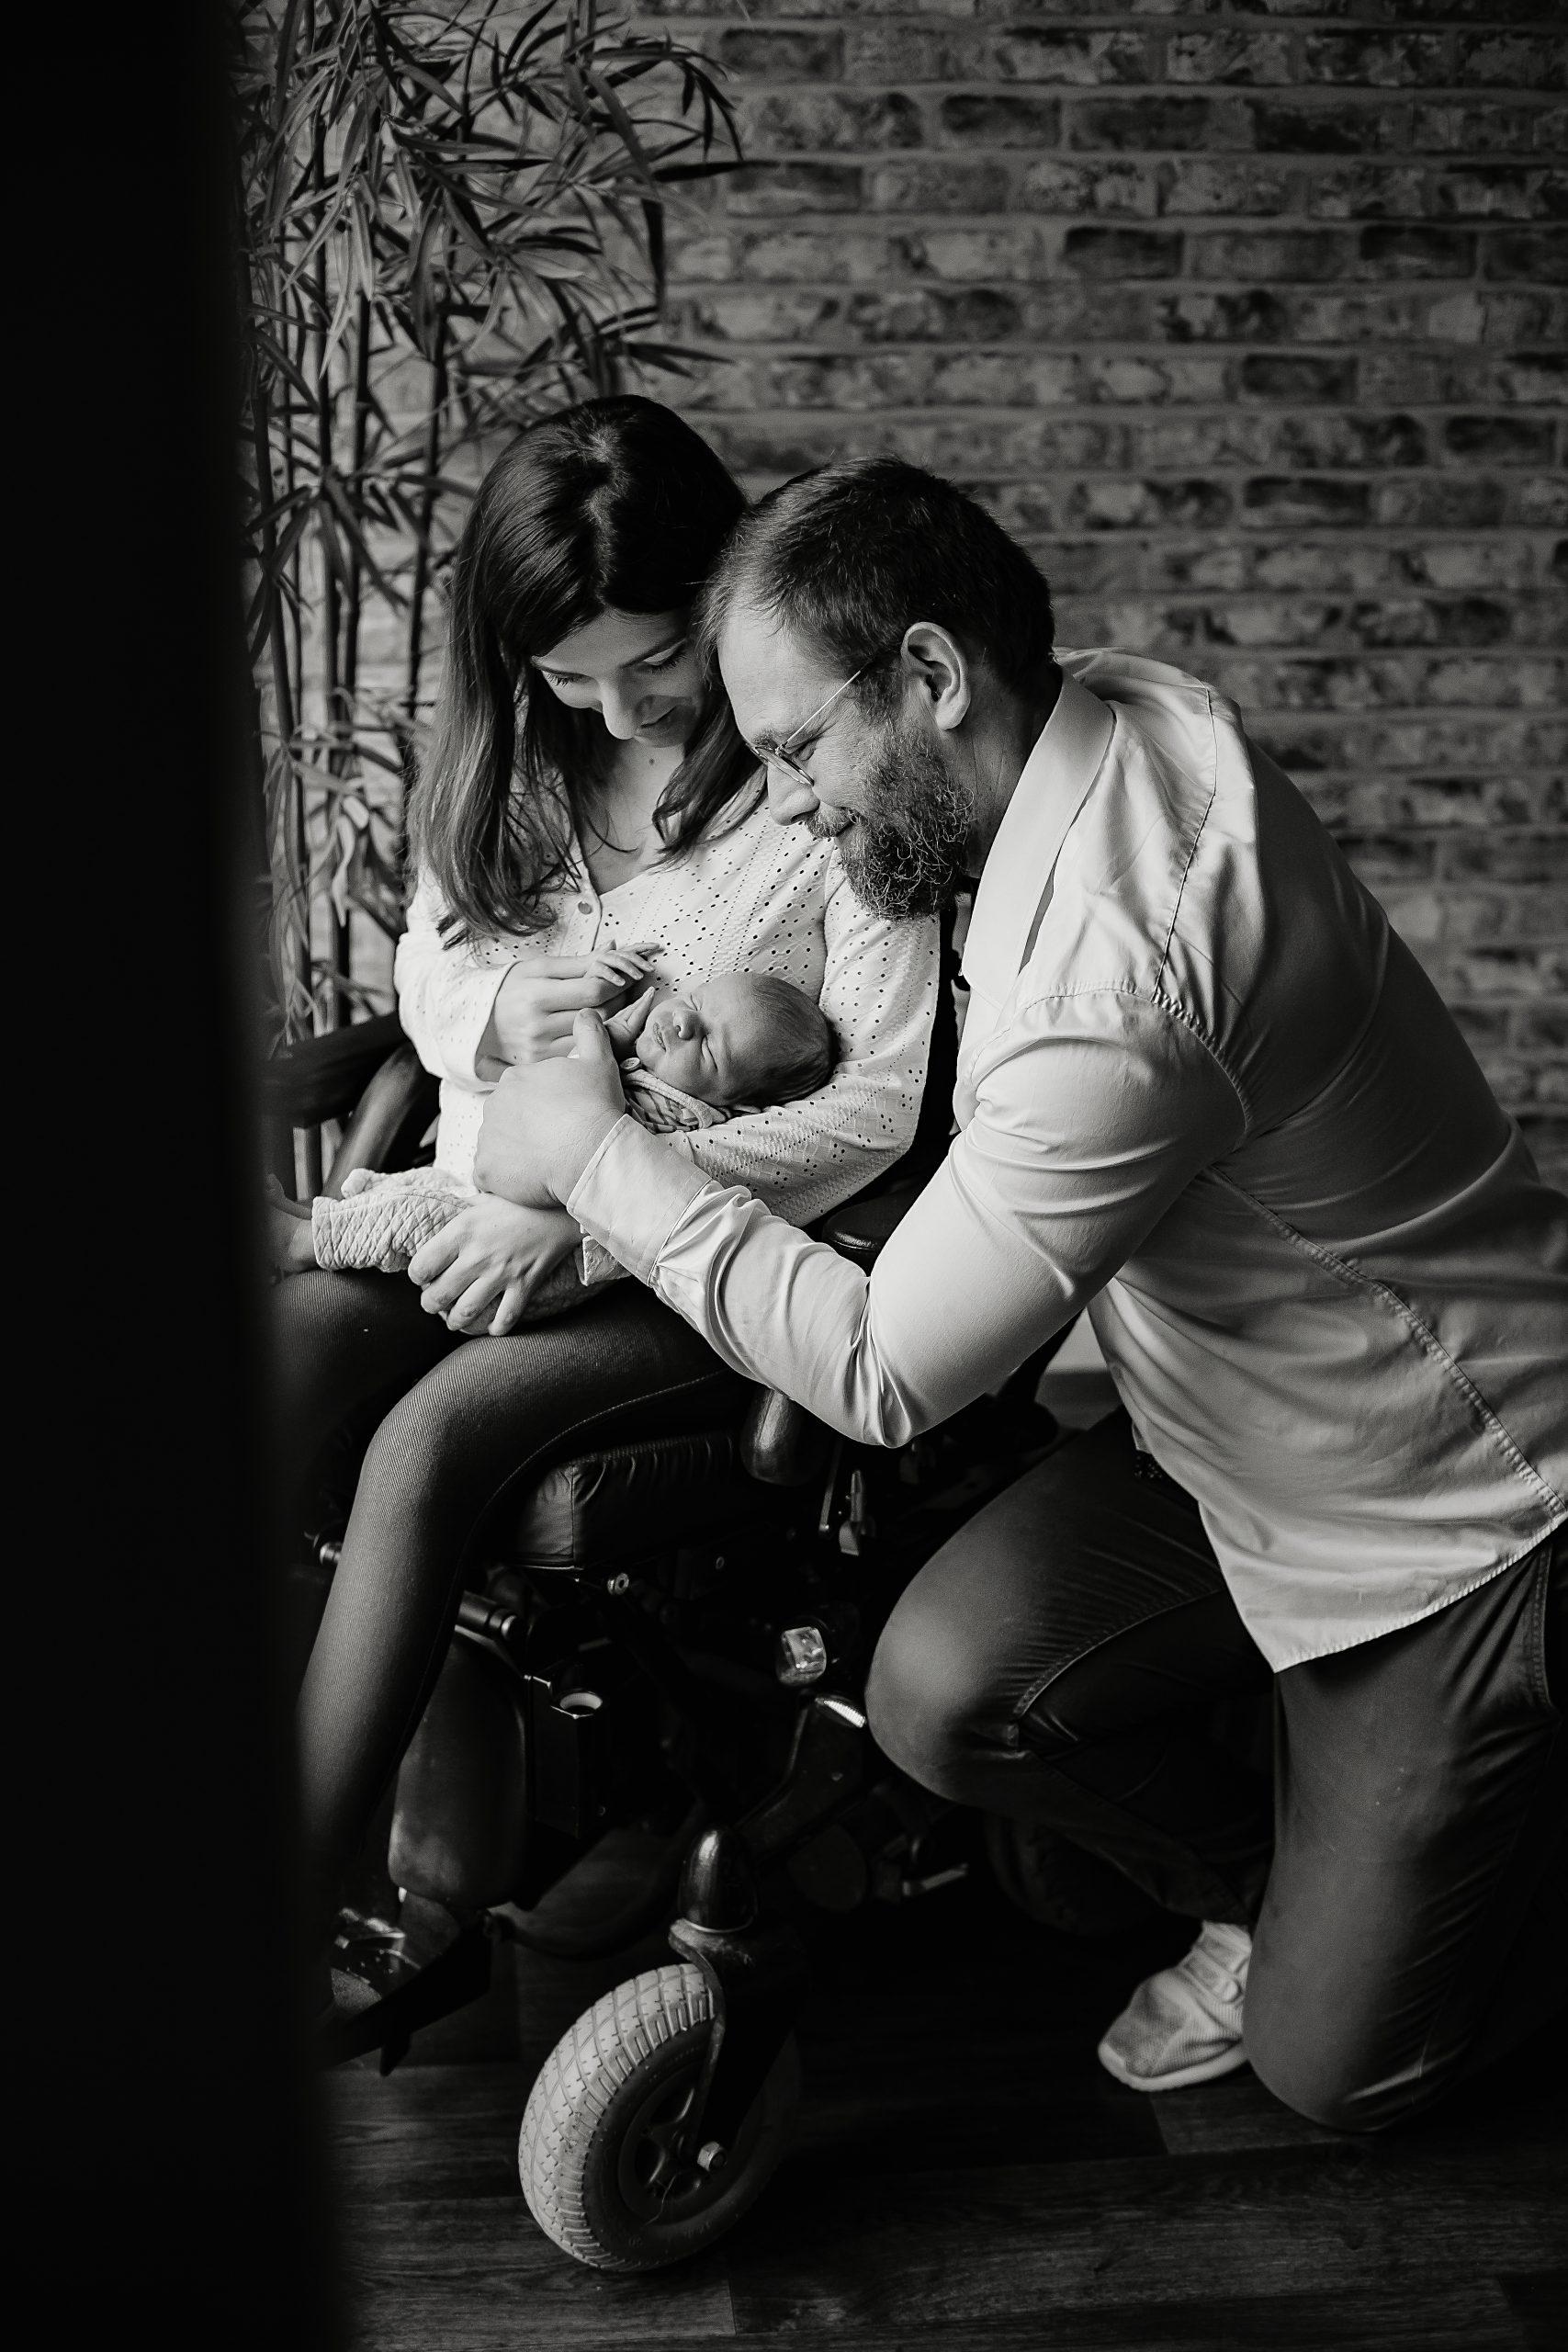 Virginie M. Photos-séance à domicile-bébé-naissance-lifestyle-amour-famille-photographe Lille-Nord-Lille-photos-nouveau né (6)